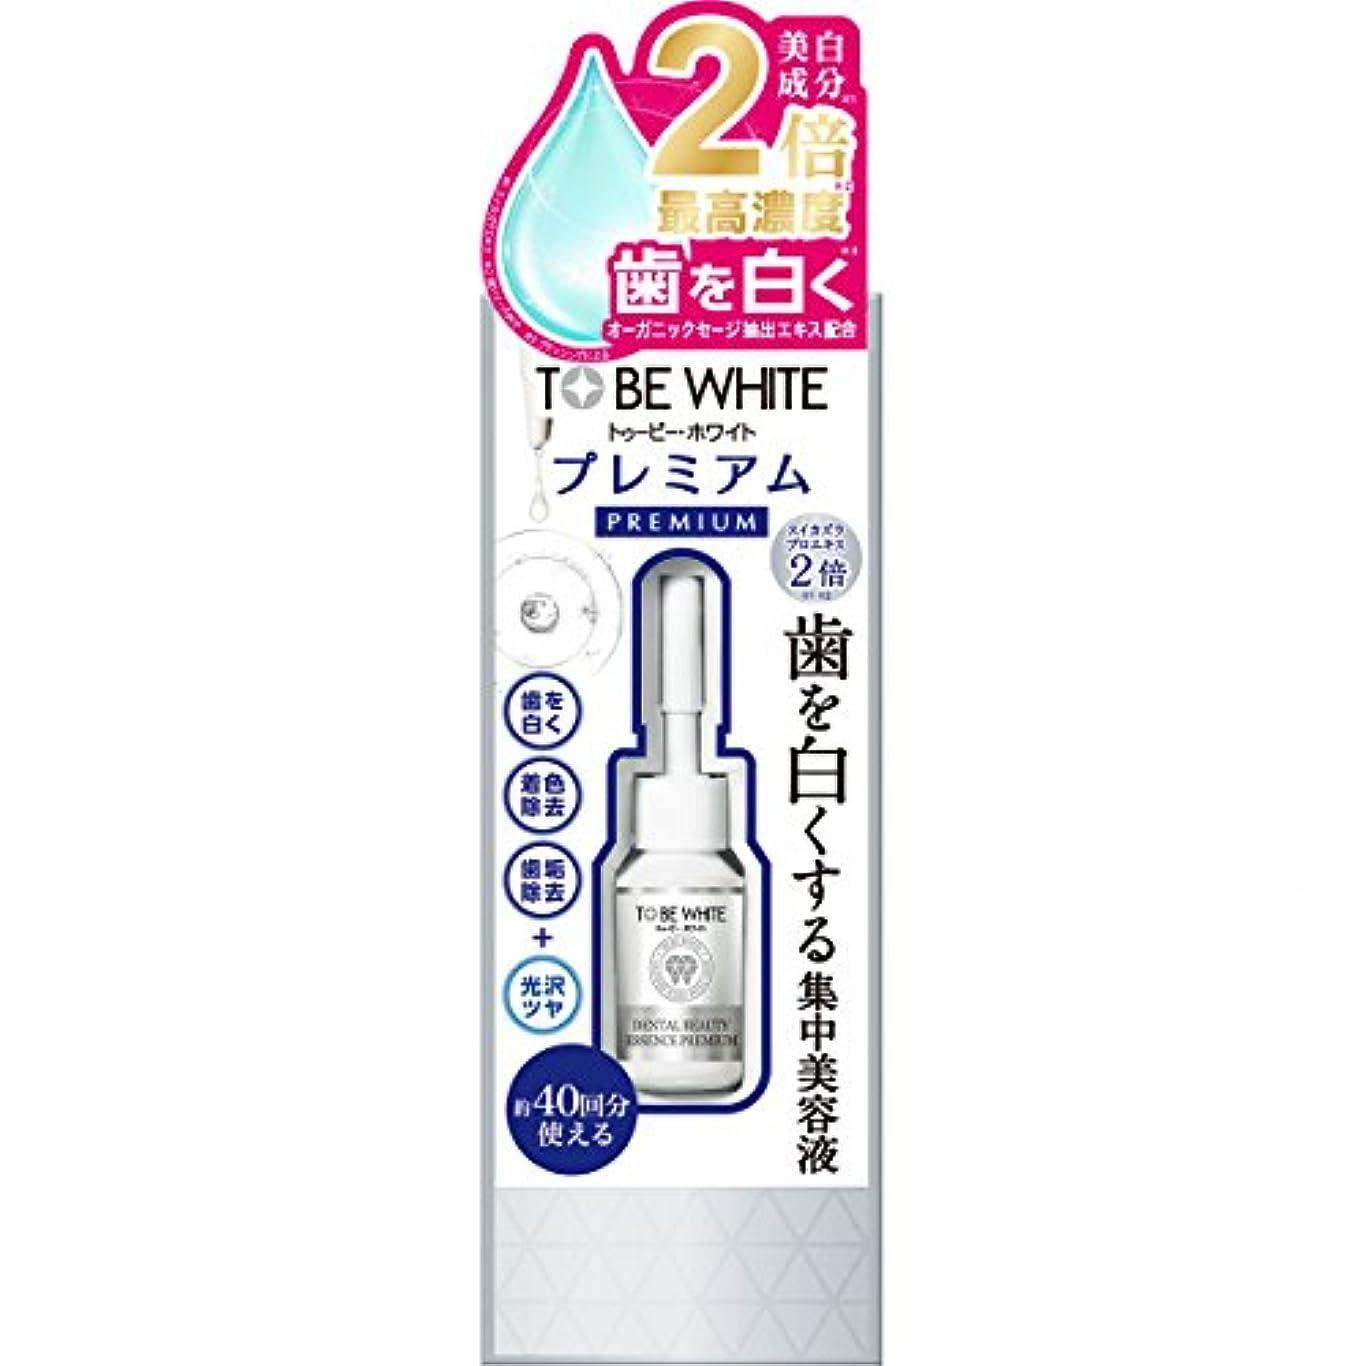 処方する典型的な研磨剤トゥービー?ホワイト ホワイトニング エッセンス プレミアム 7ml